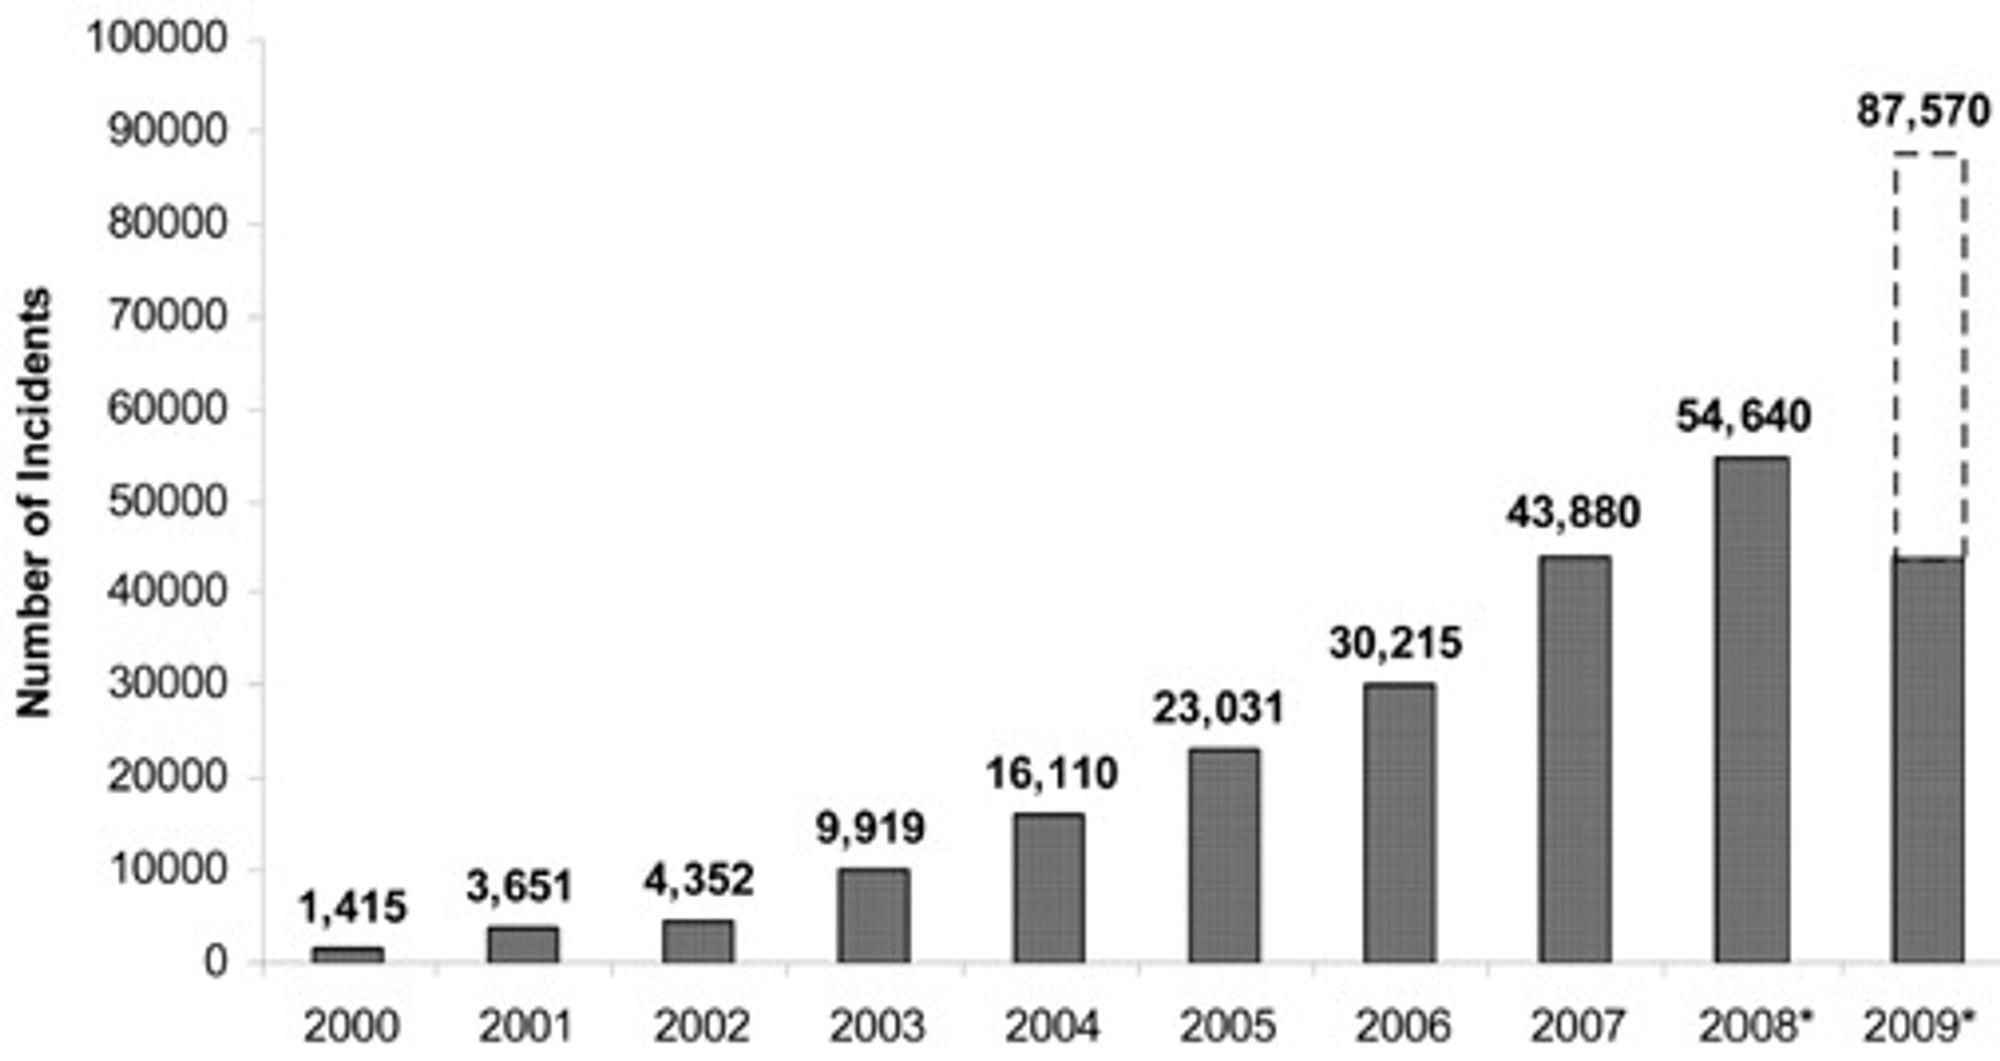 Antall inntrengningsforsøk mot IT-systemene til USAs forsvarsdepartement øker raskere enn eksponentielt. Tallet for 2009 er en prognose.